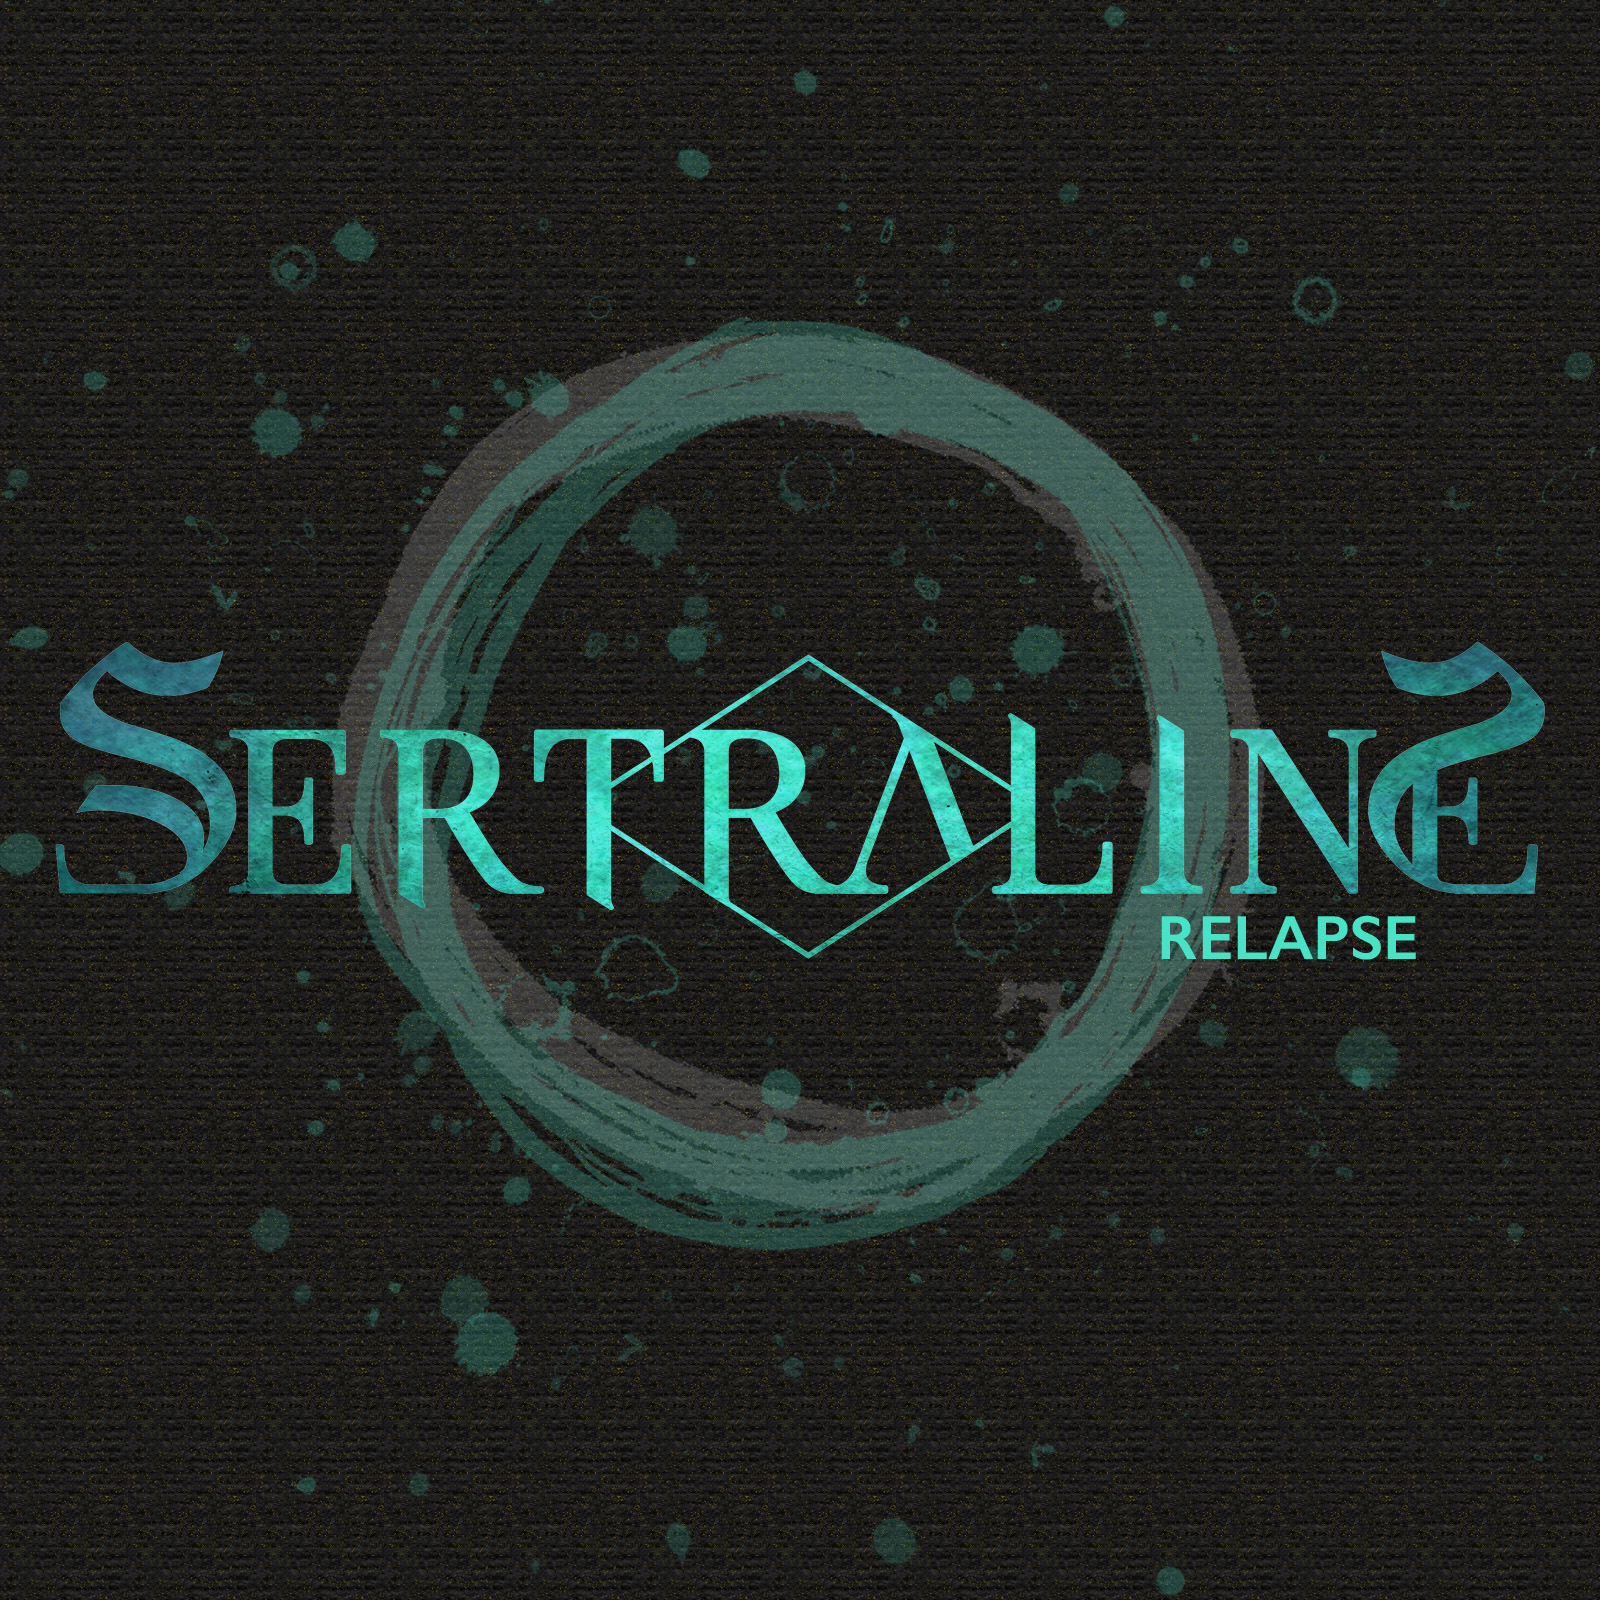 'Relapse' - Sertraline